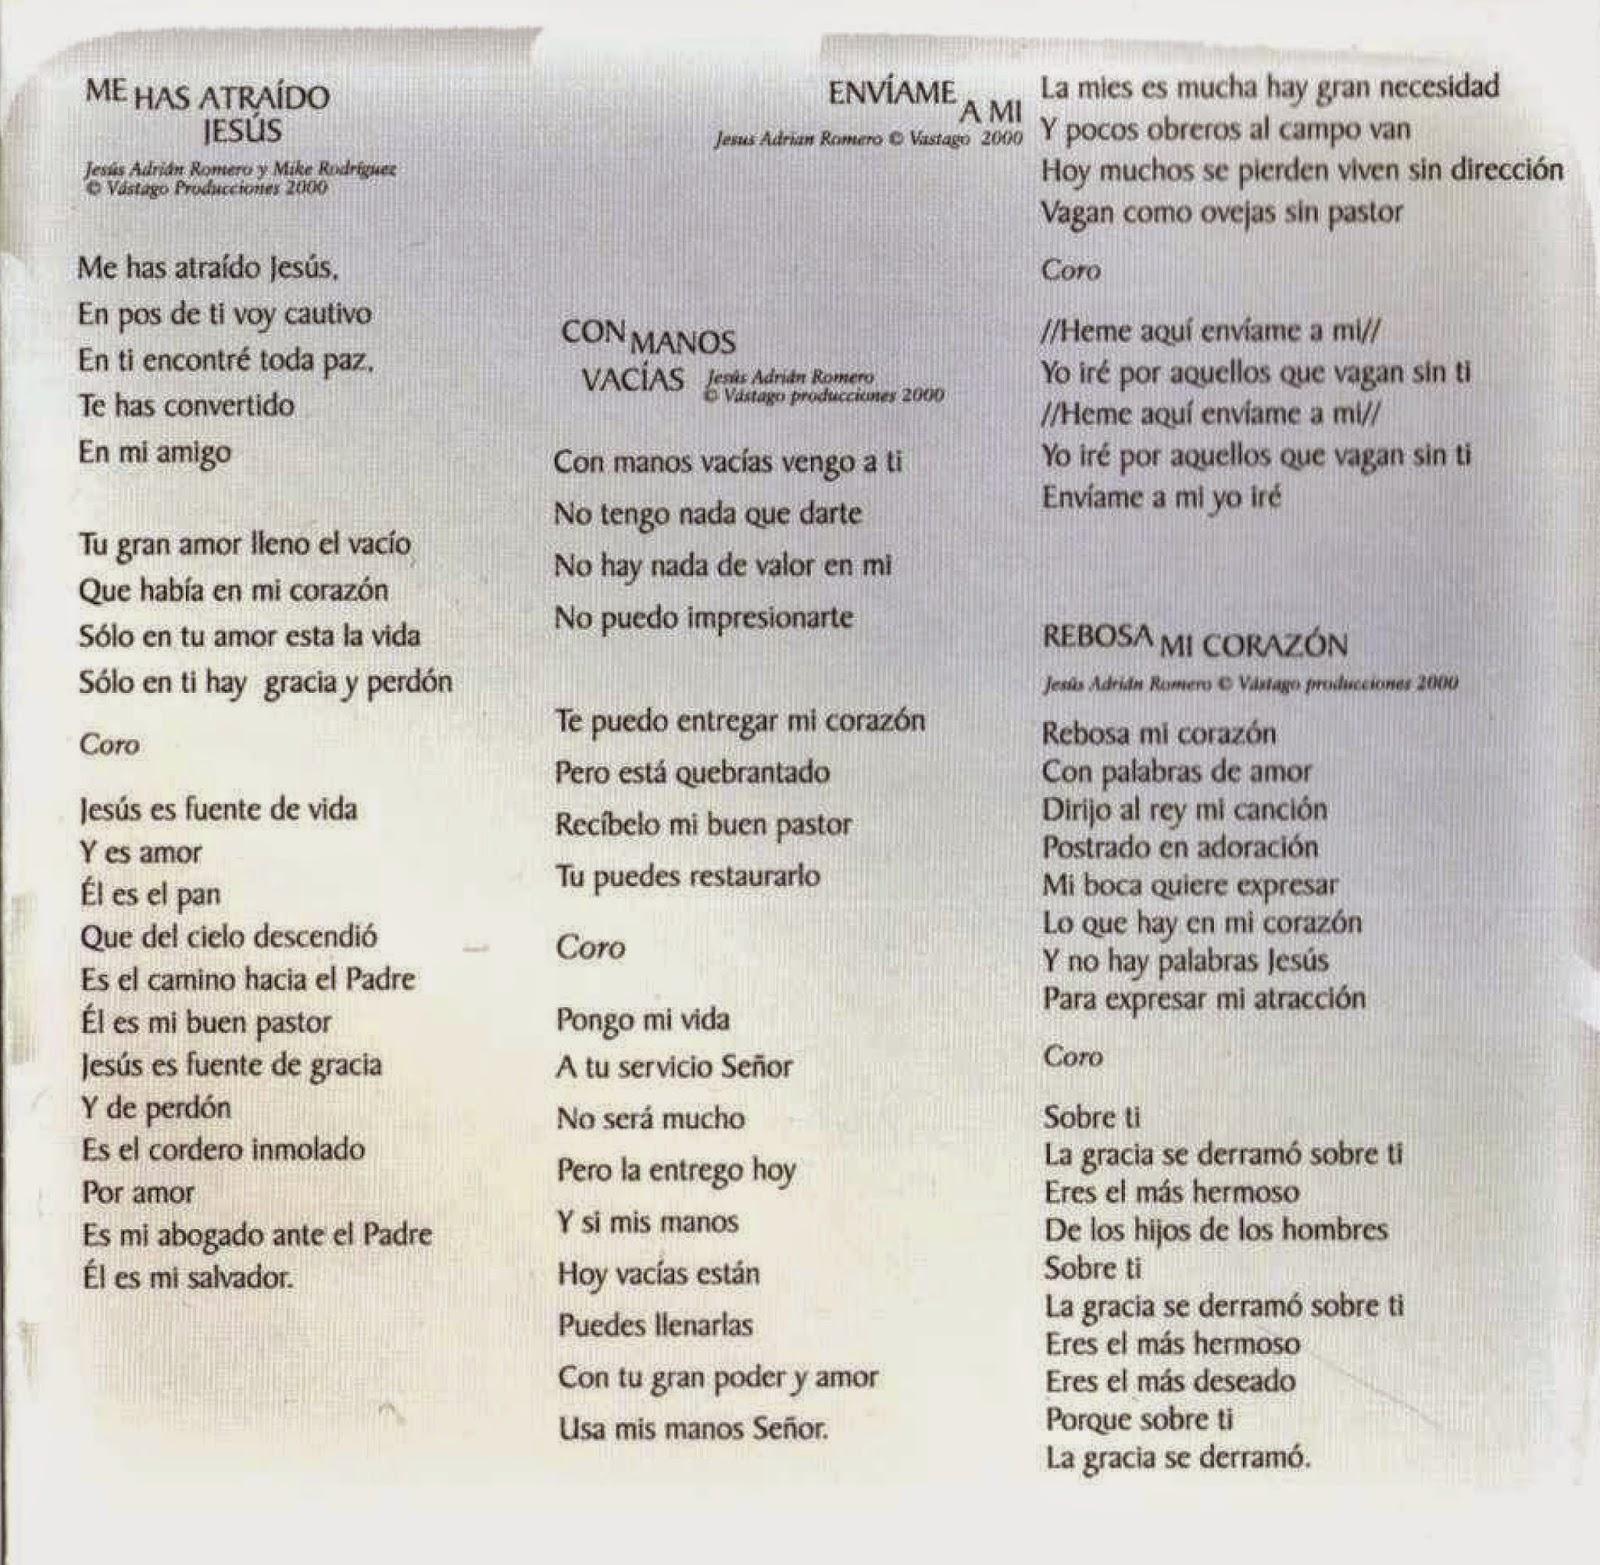 Rebosa mi corazón: Letra, Acordes y Tabs (Jesús Adrián Romero)